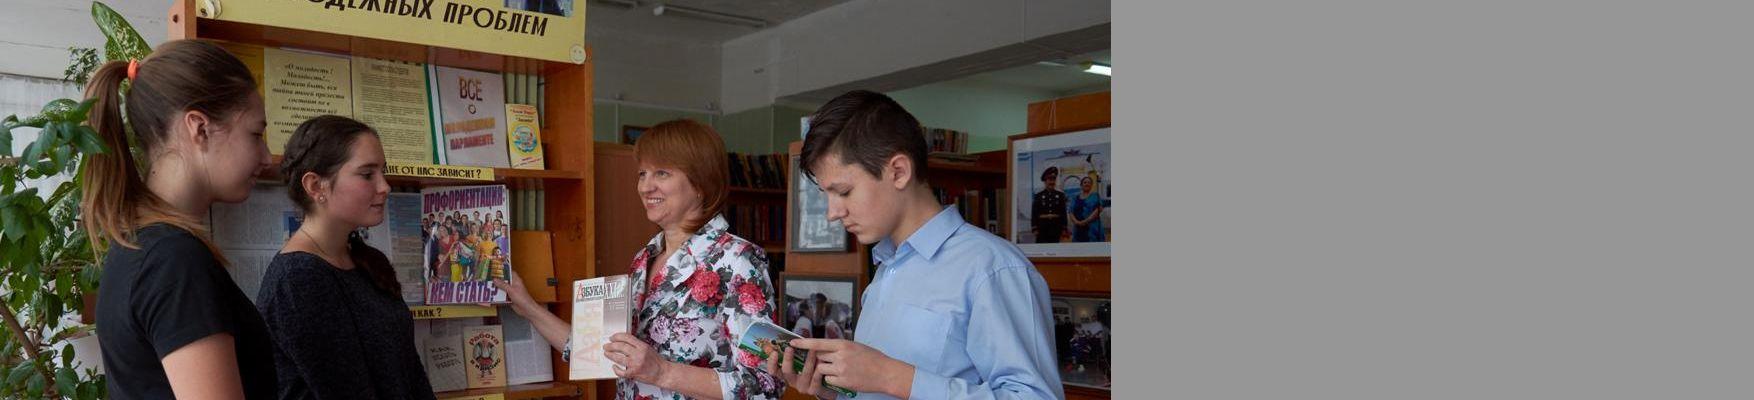 Библиотека им. М.Шолохова